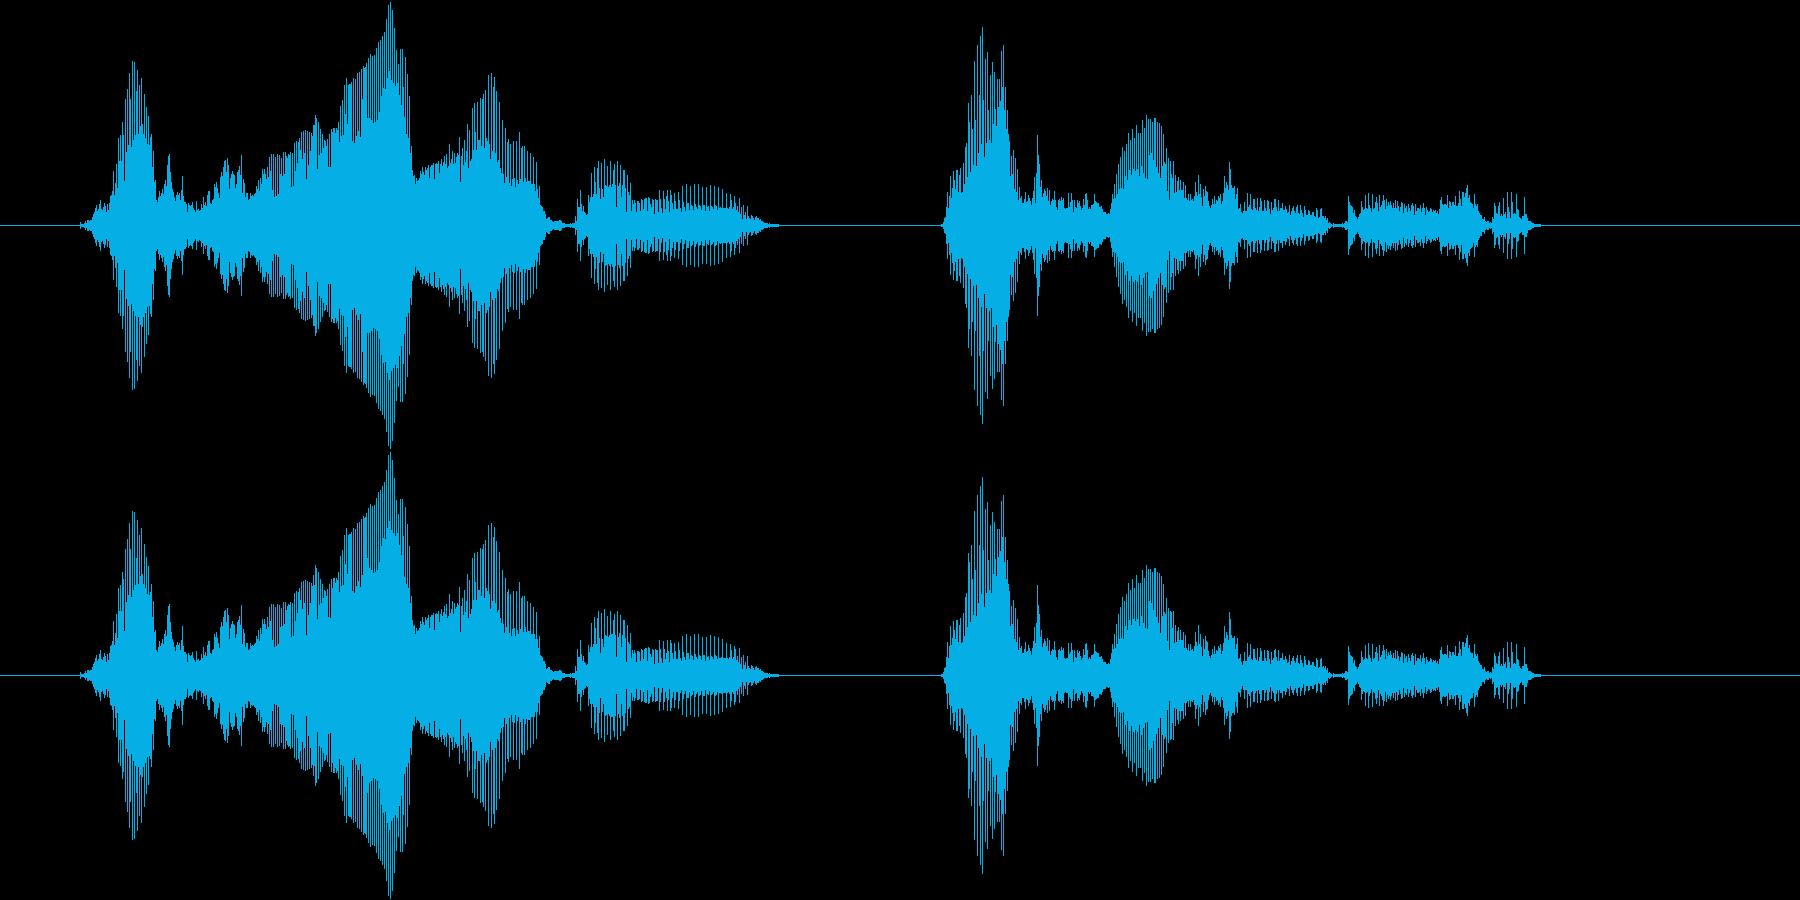 発信音のあとに、メッセージをどうぞ。の再生済みの波形